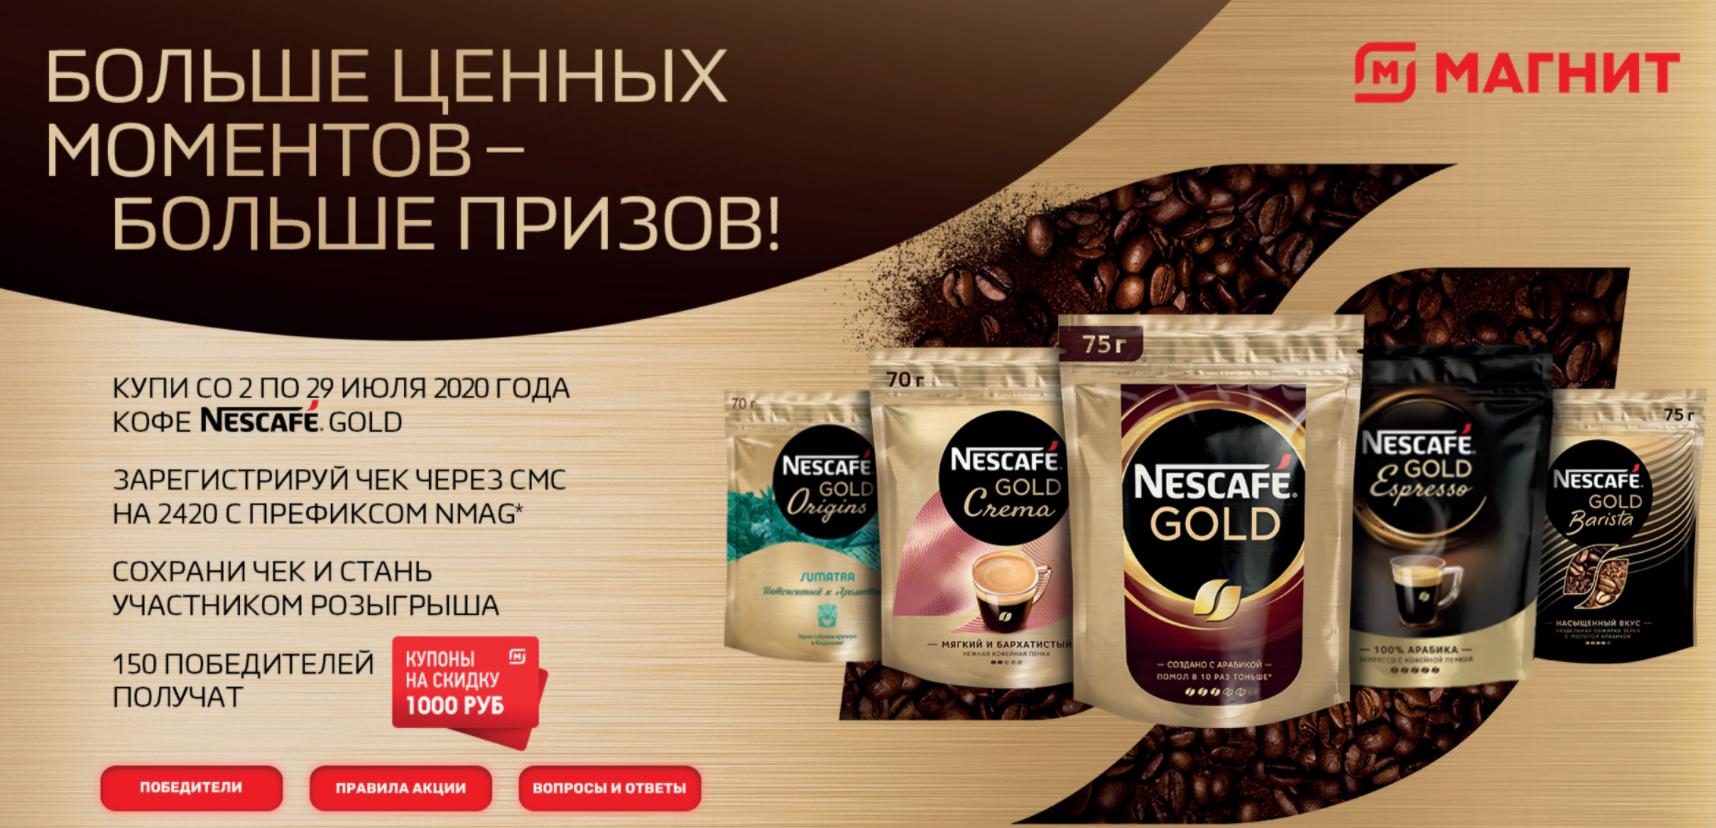 Акция Nescafe Gold в Магнит